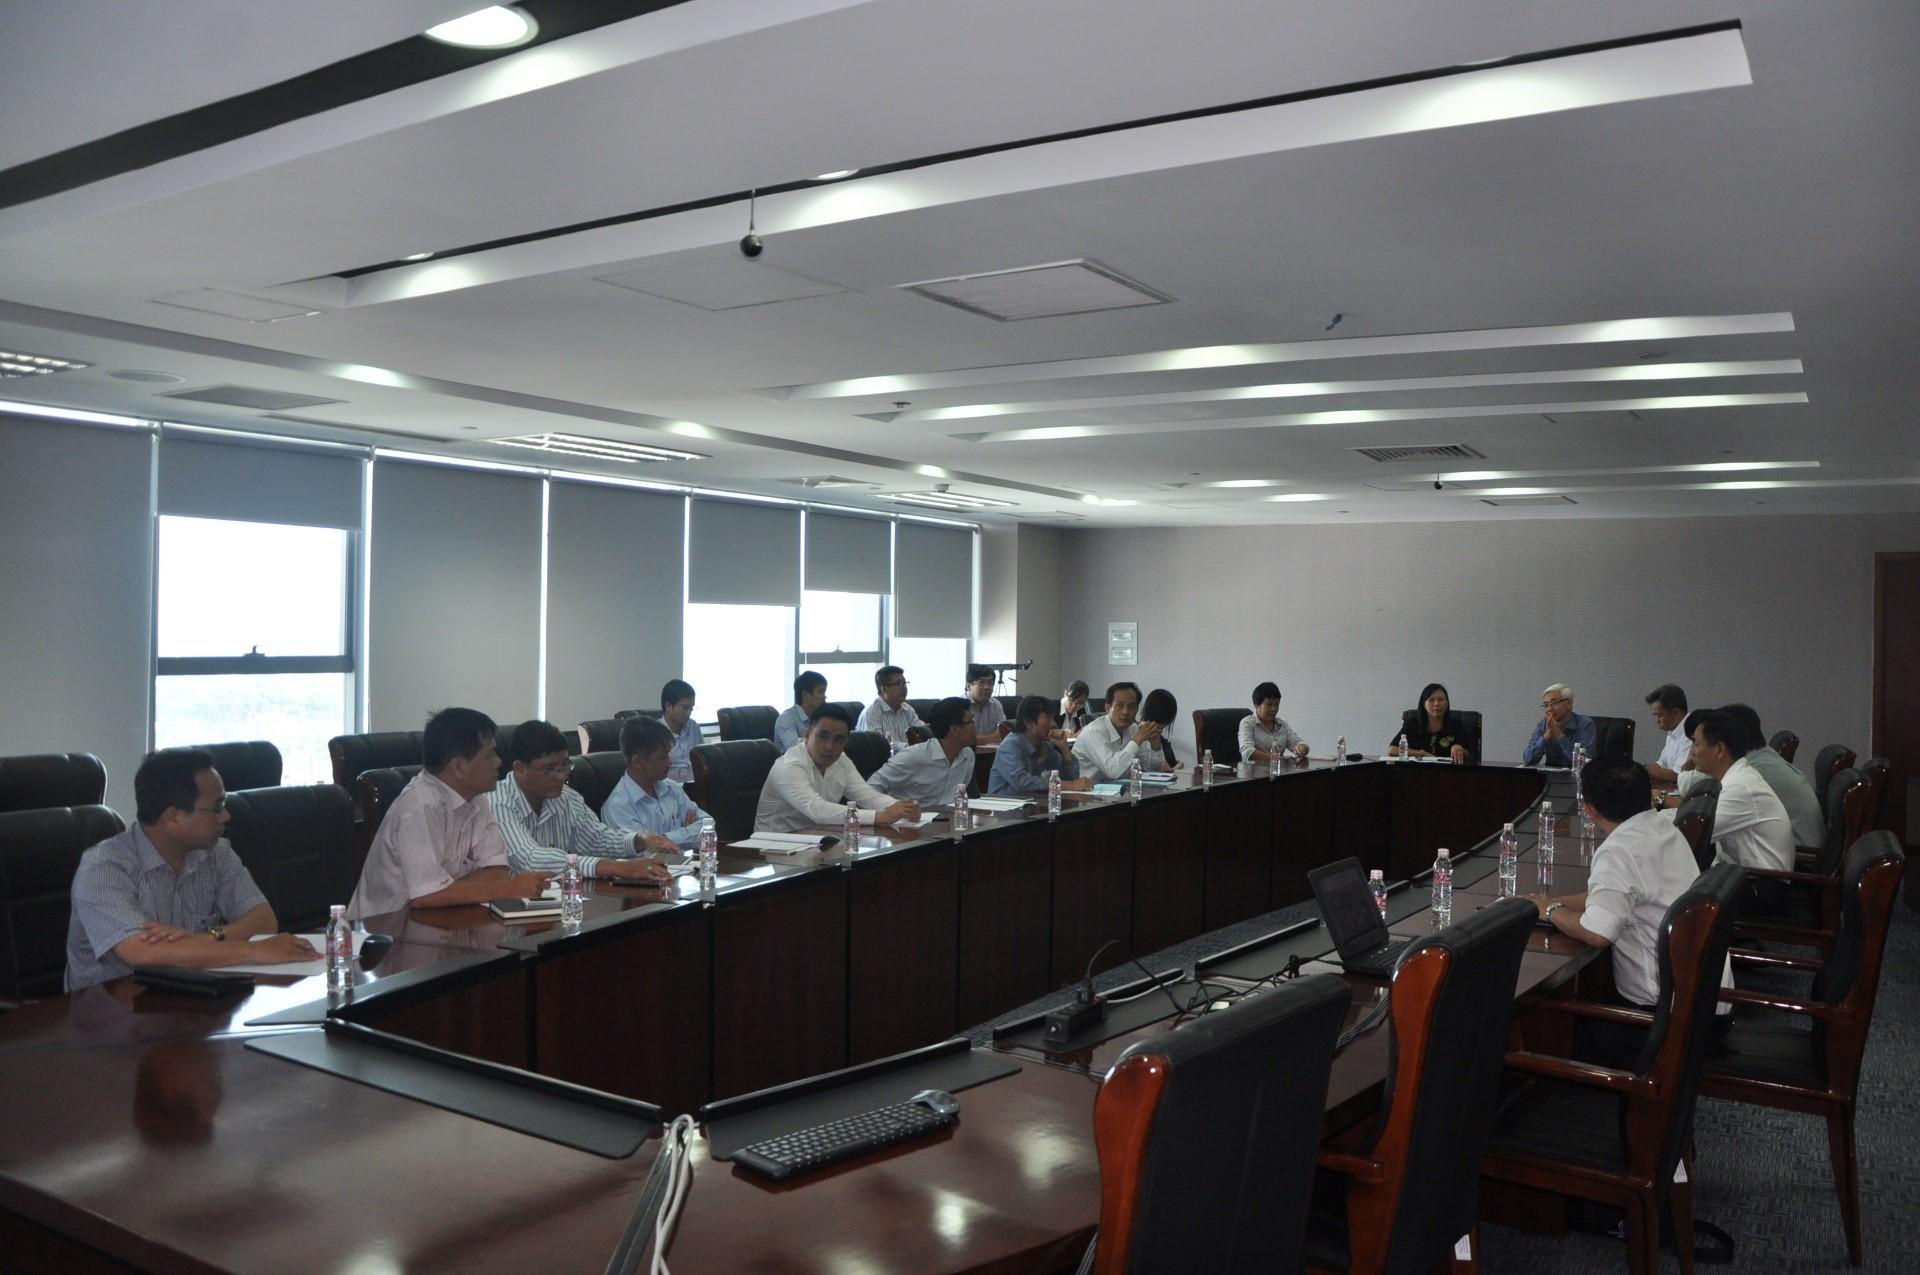 BVDIF tìm hiểu mô hình dự án Nhà ở xã hội ở tỉnh Bình Dương và tỉnh Đồng Nai